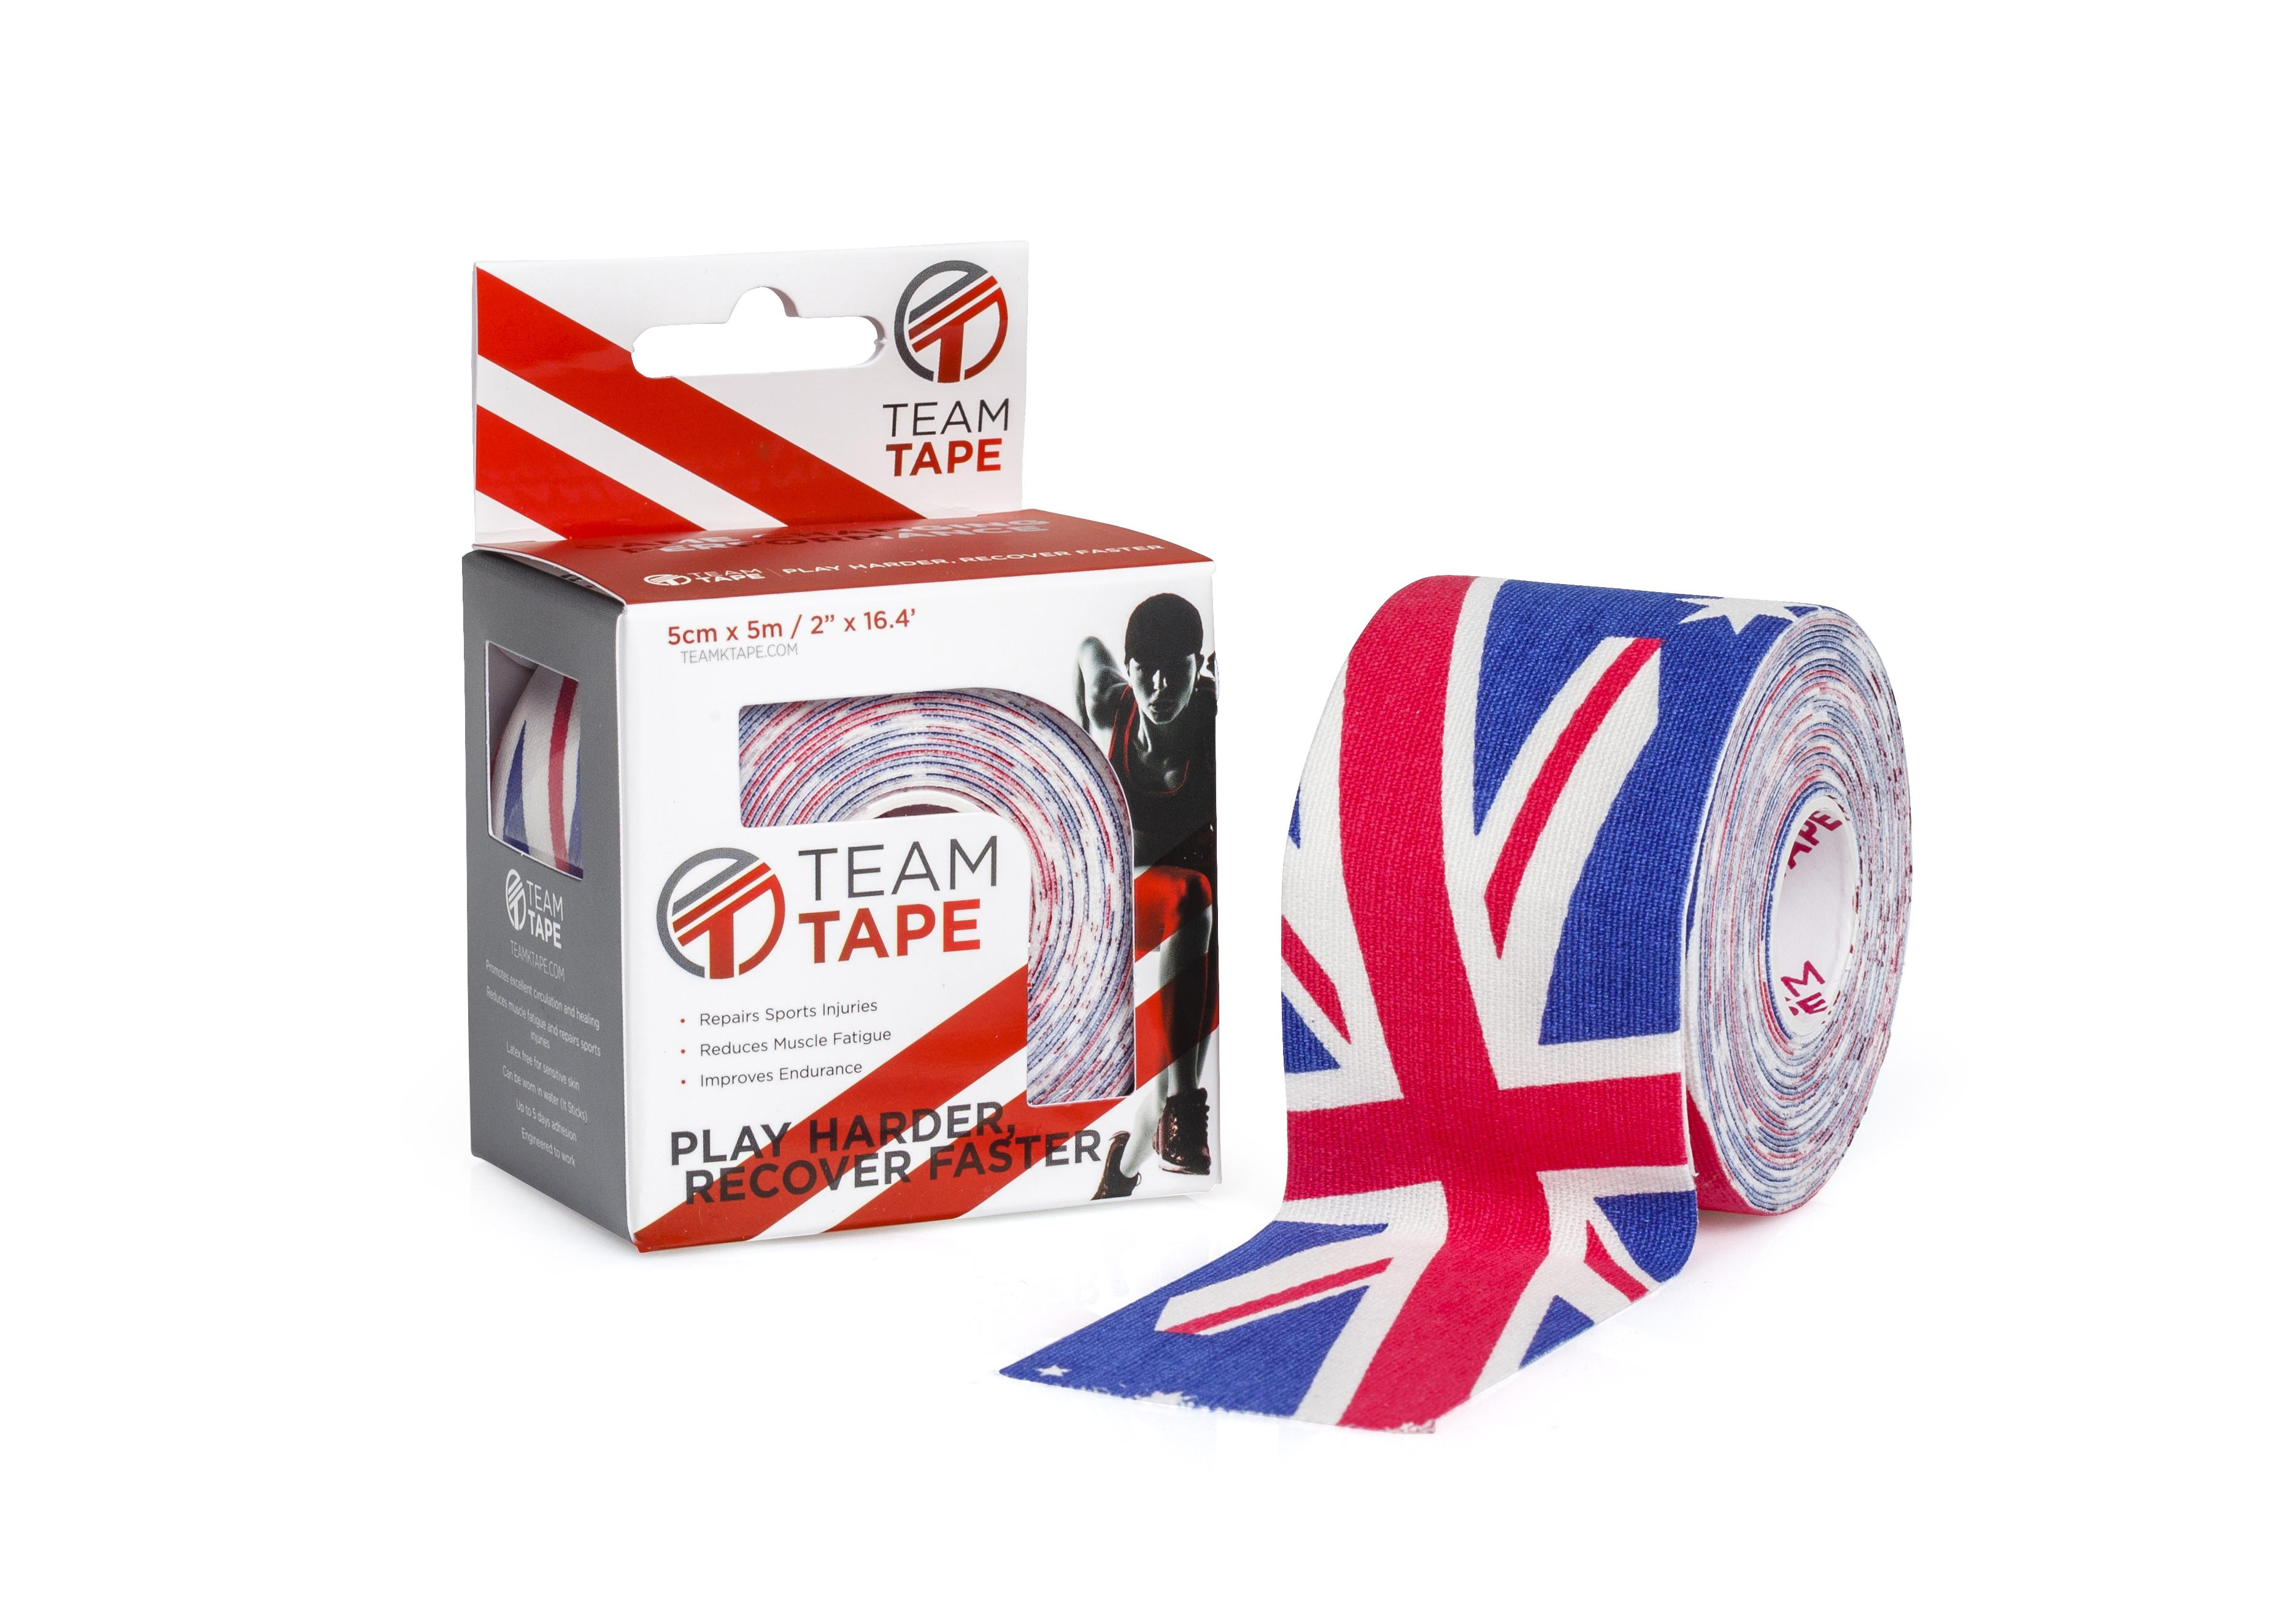 Team Tape